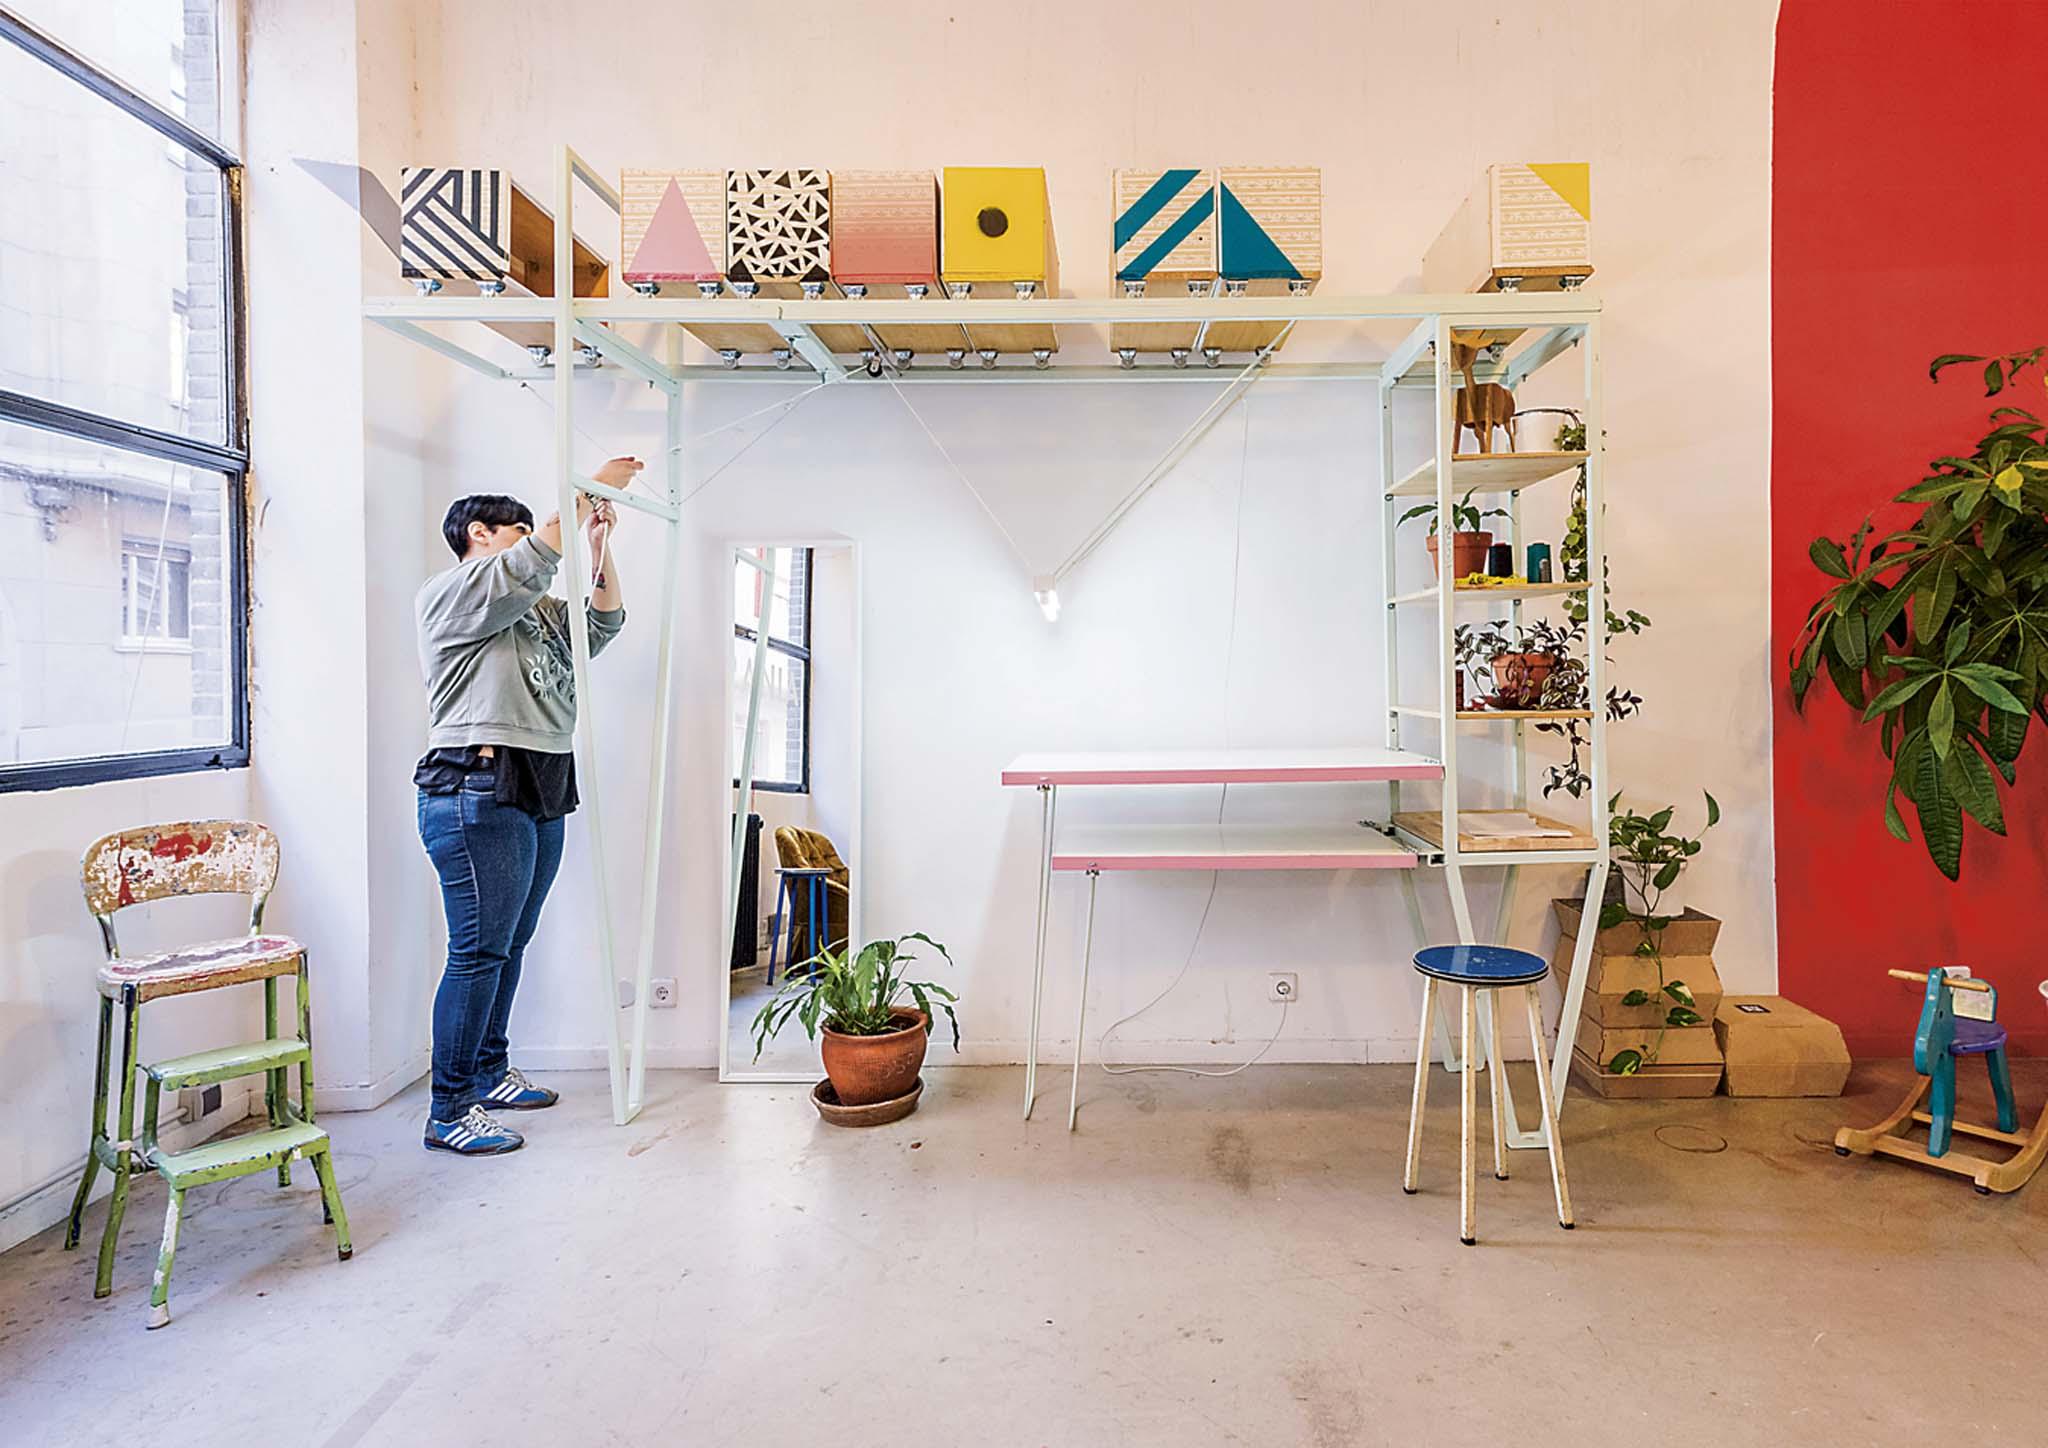 pkmn home back home transformation d 39 une chambre en atelier de couture bilbao. Black Bedroom Furniture Sets. Home Design Ideas